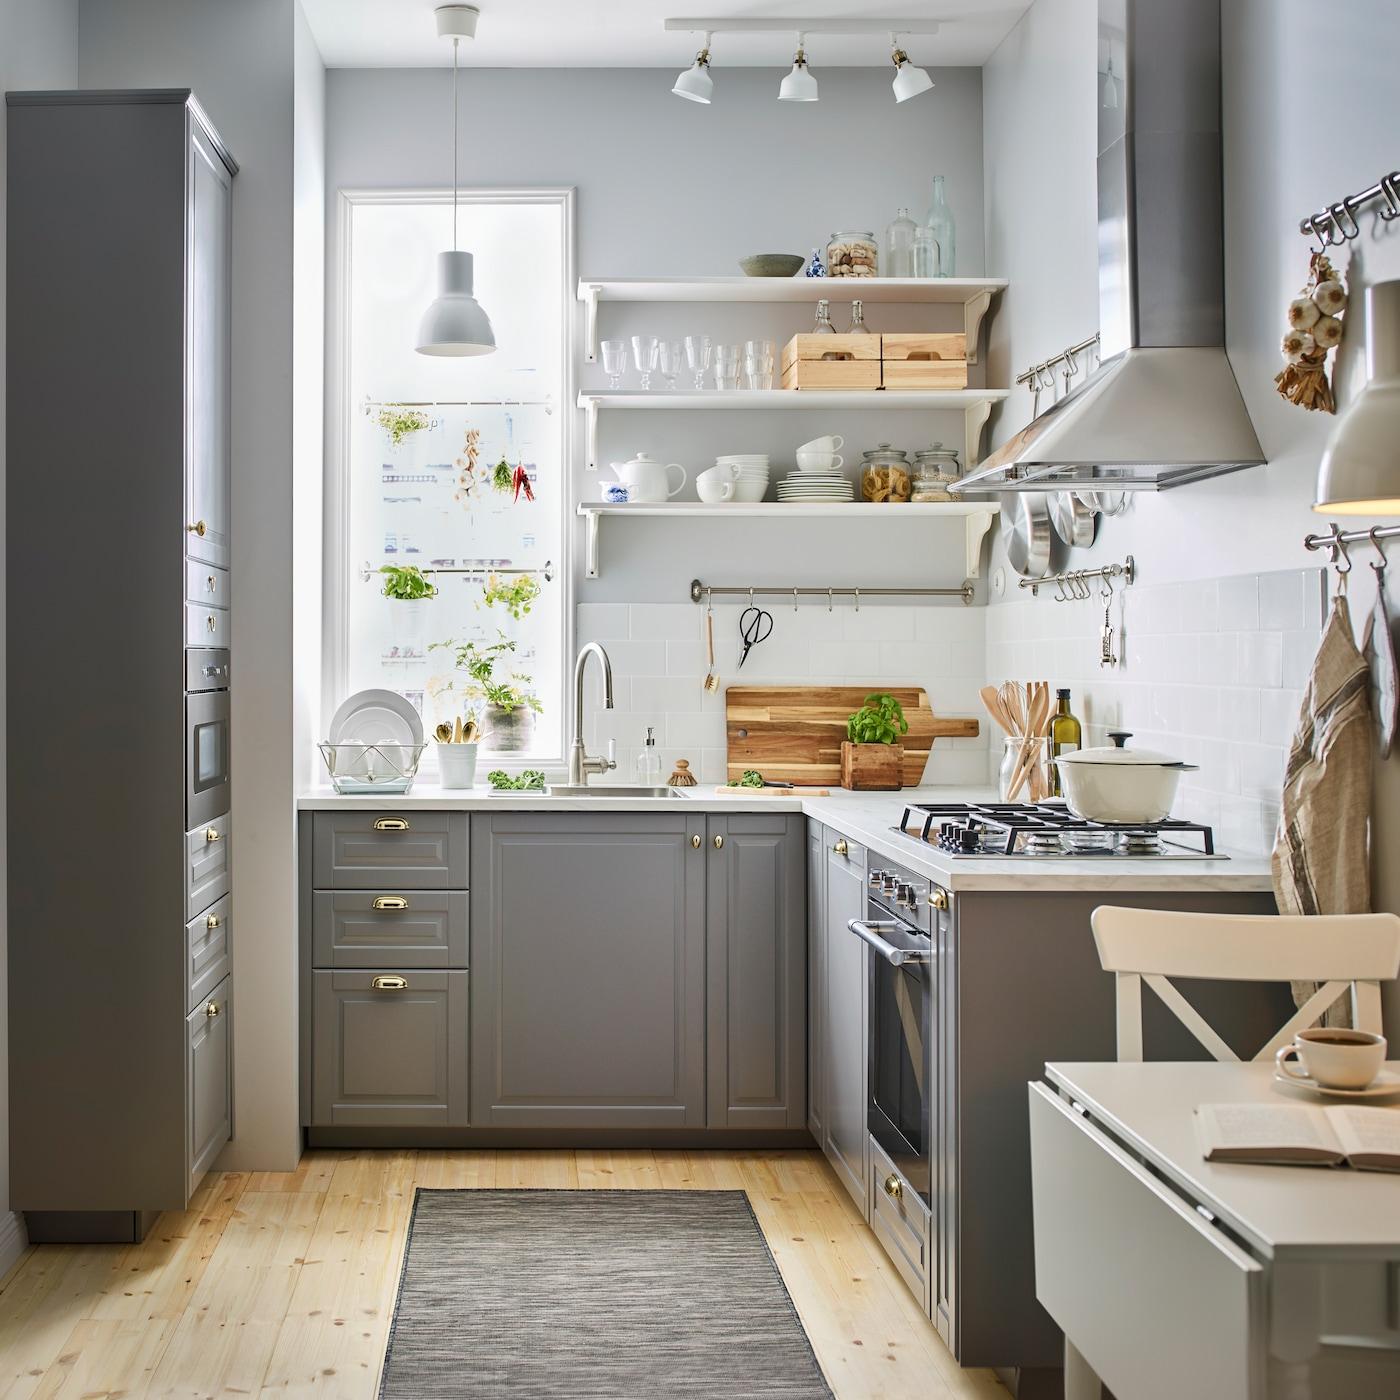 Klassieke traditionele stijl grijs witte keuken met messing handgrepen